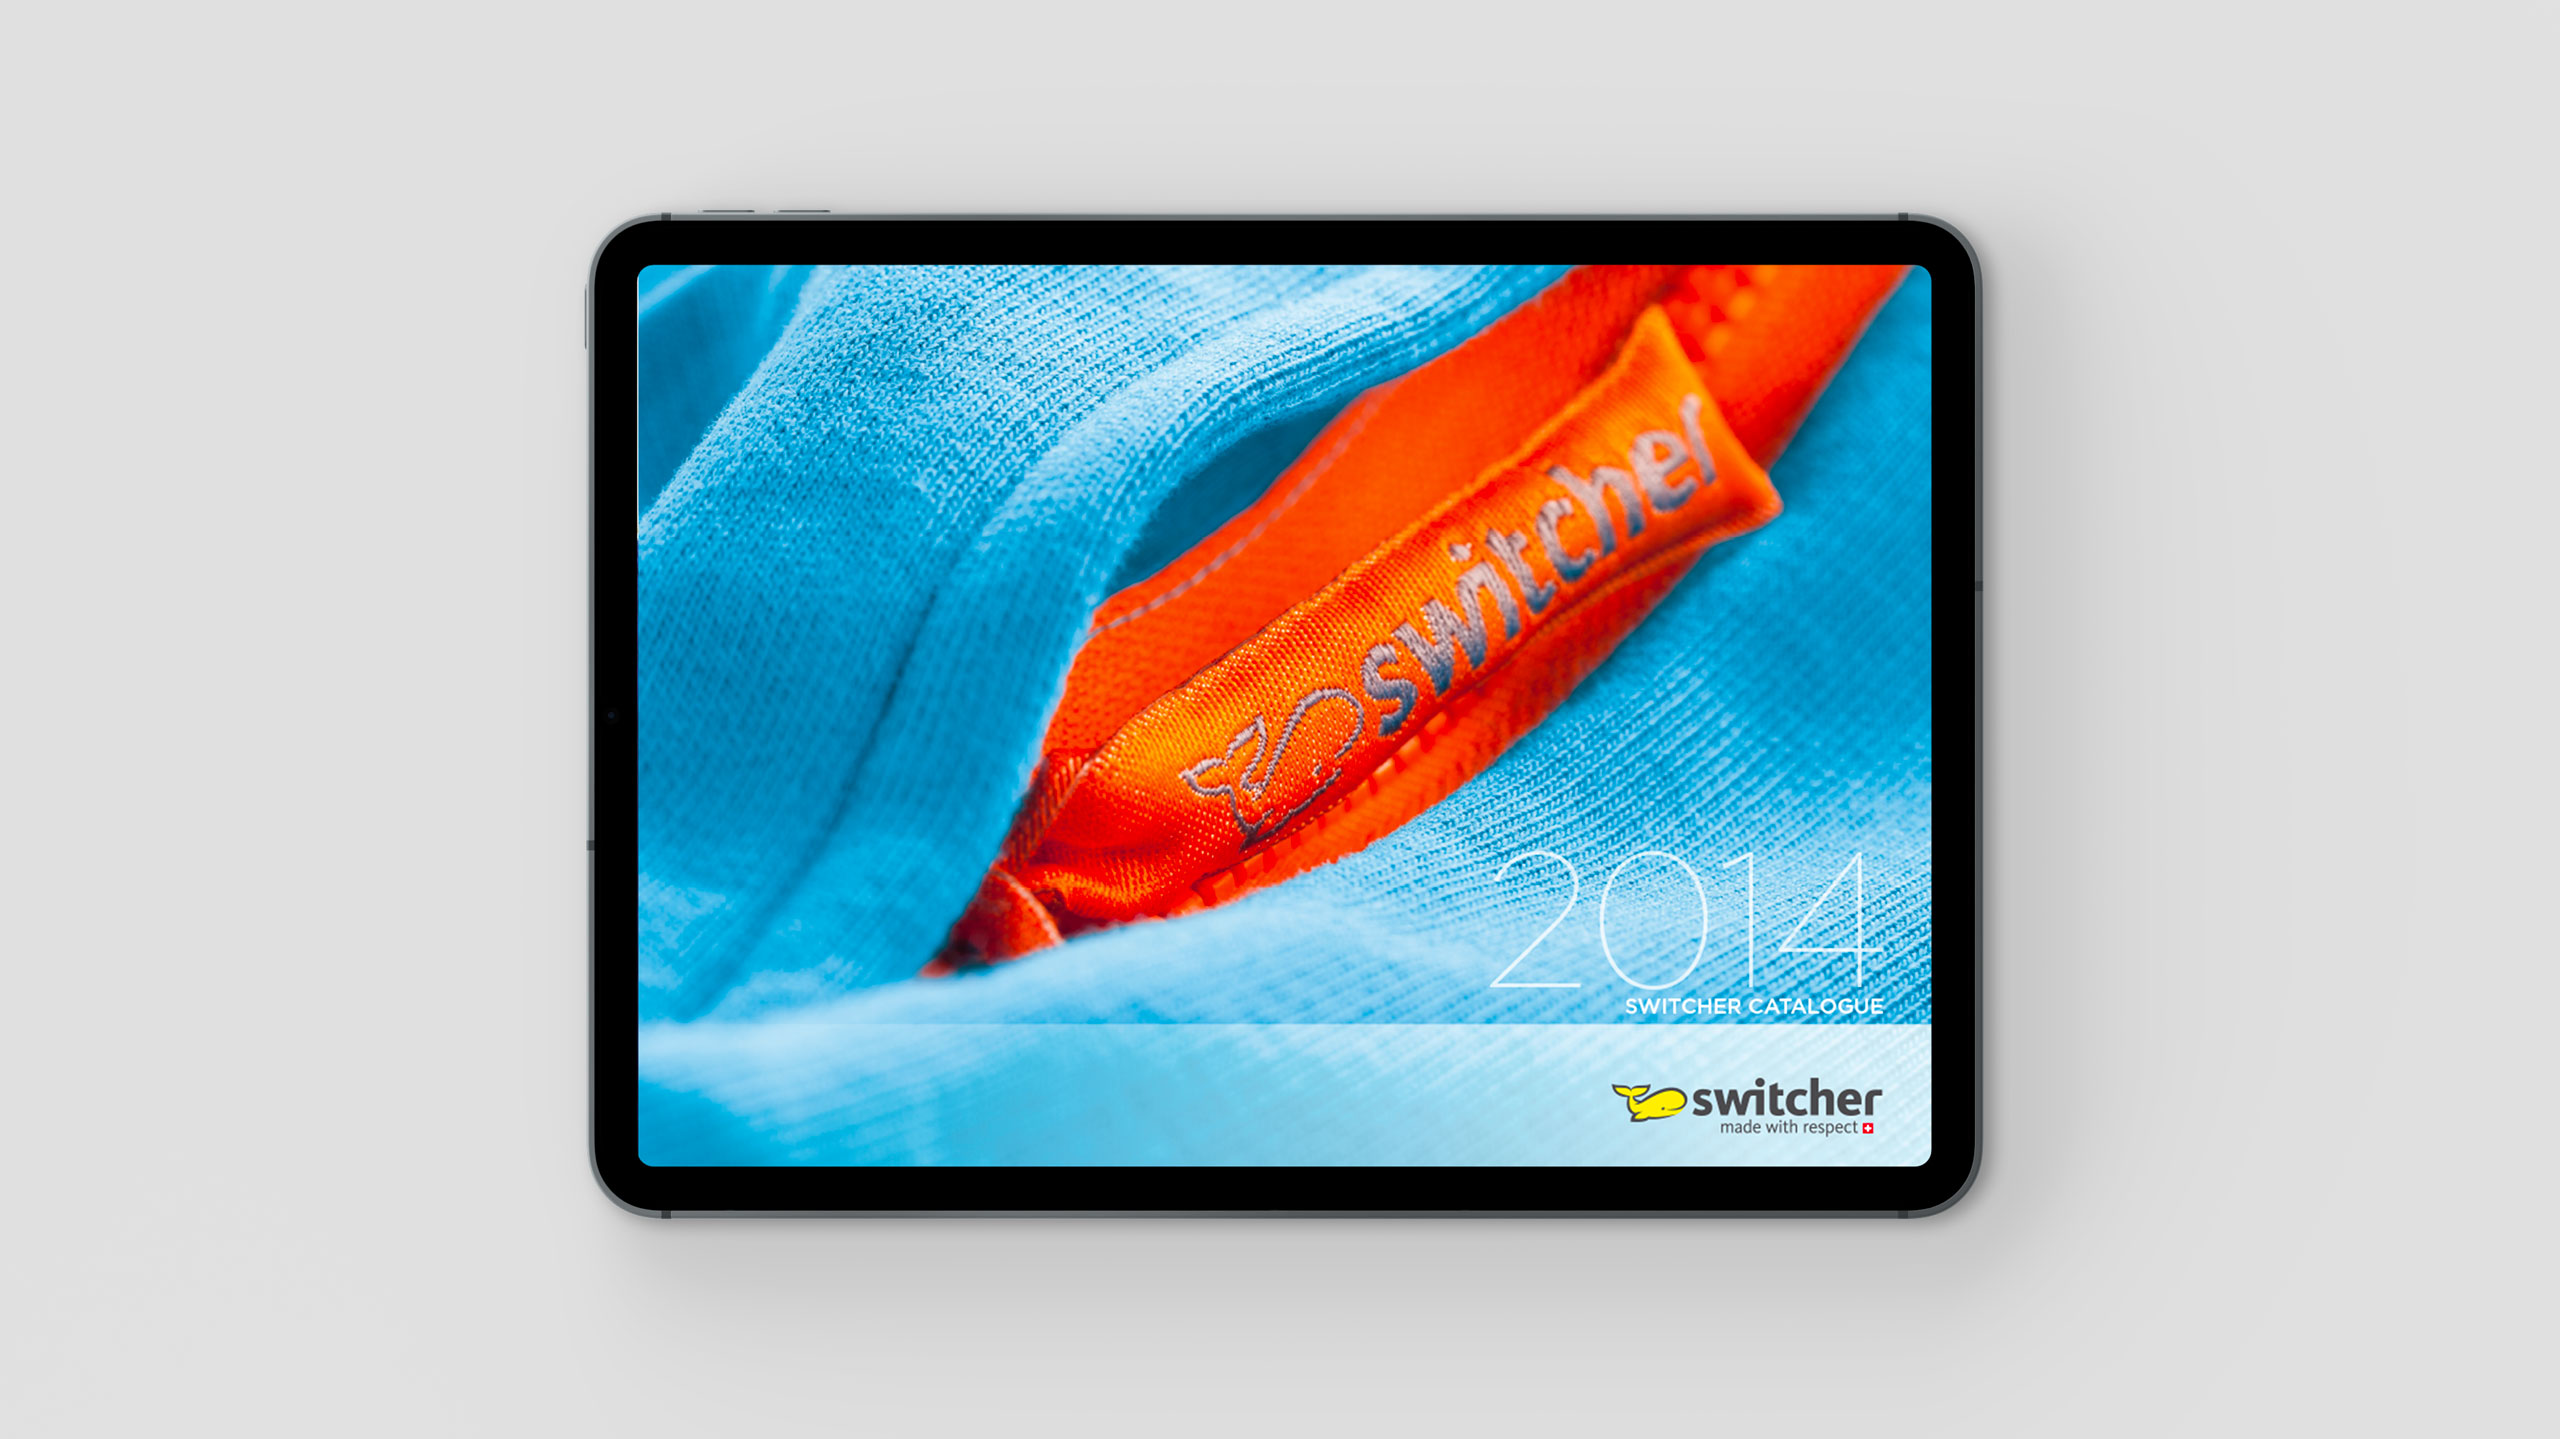 switcher_iPadCat_2560px_01